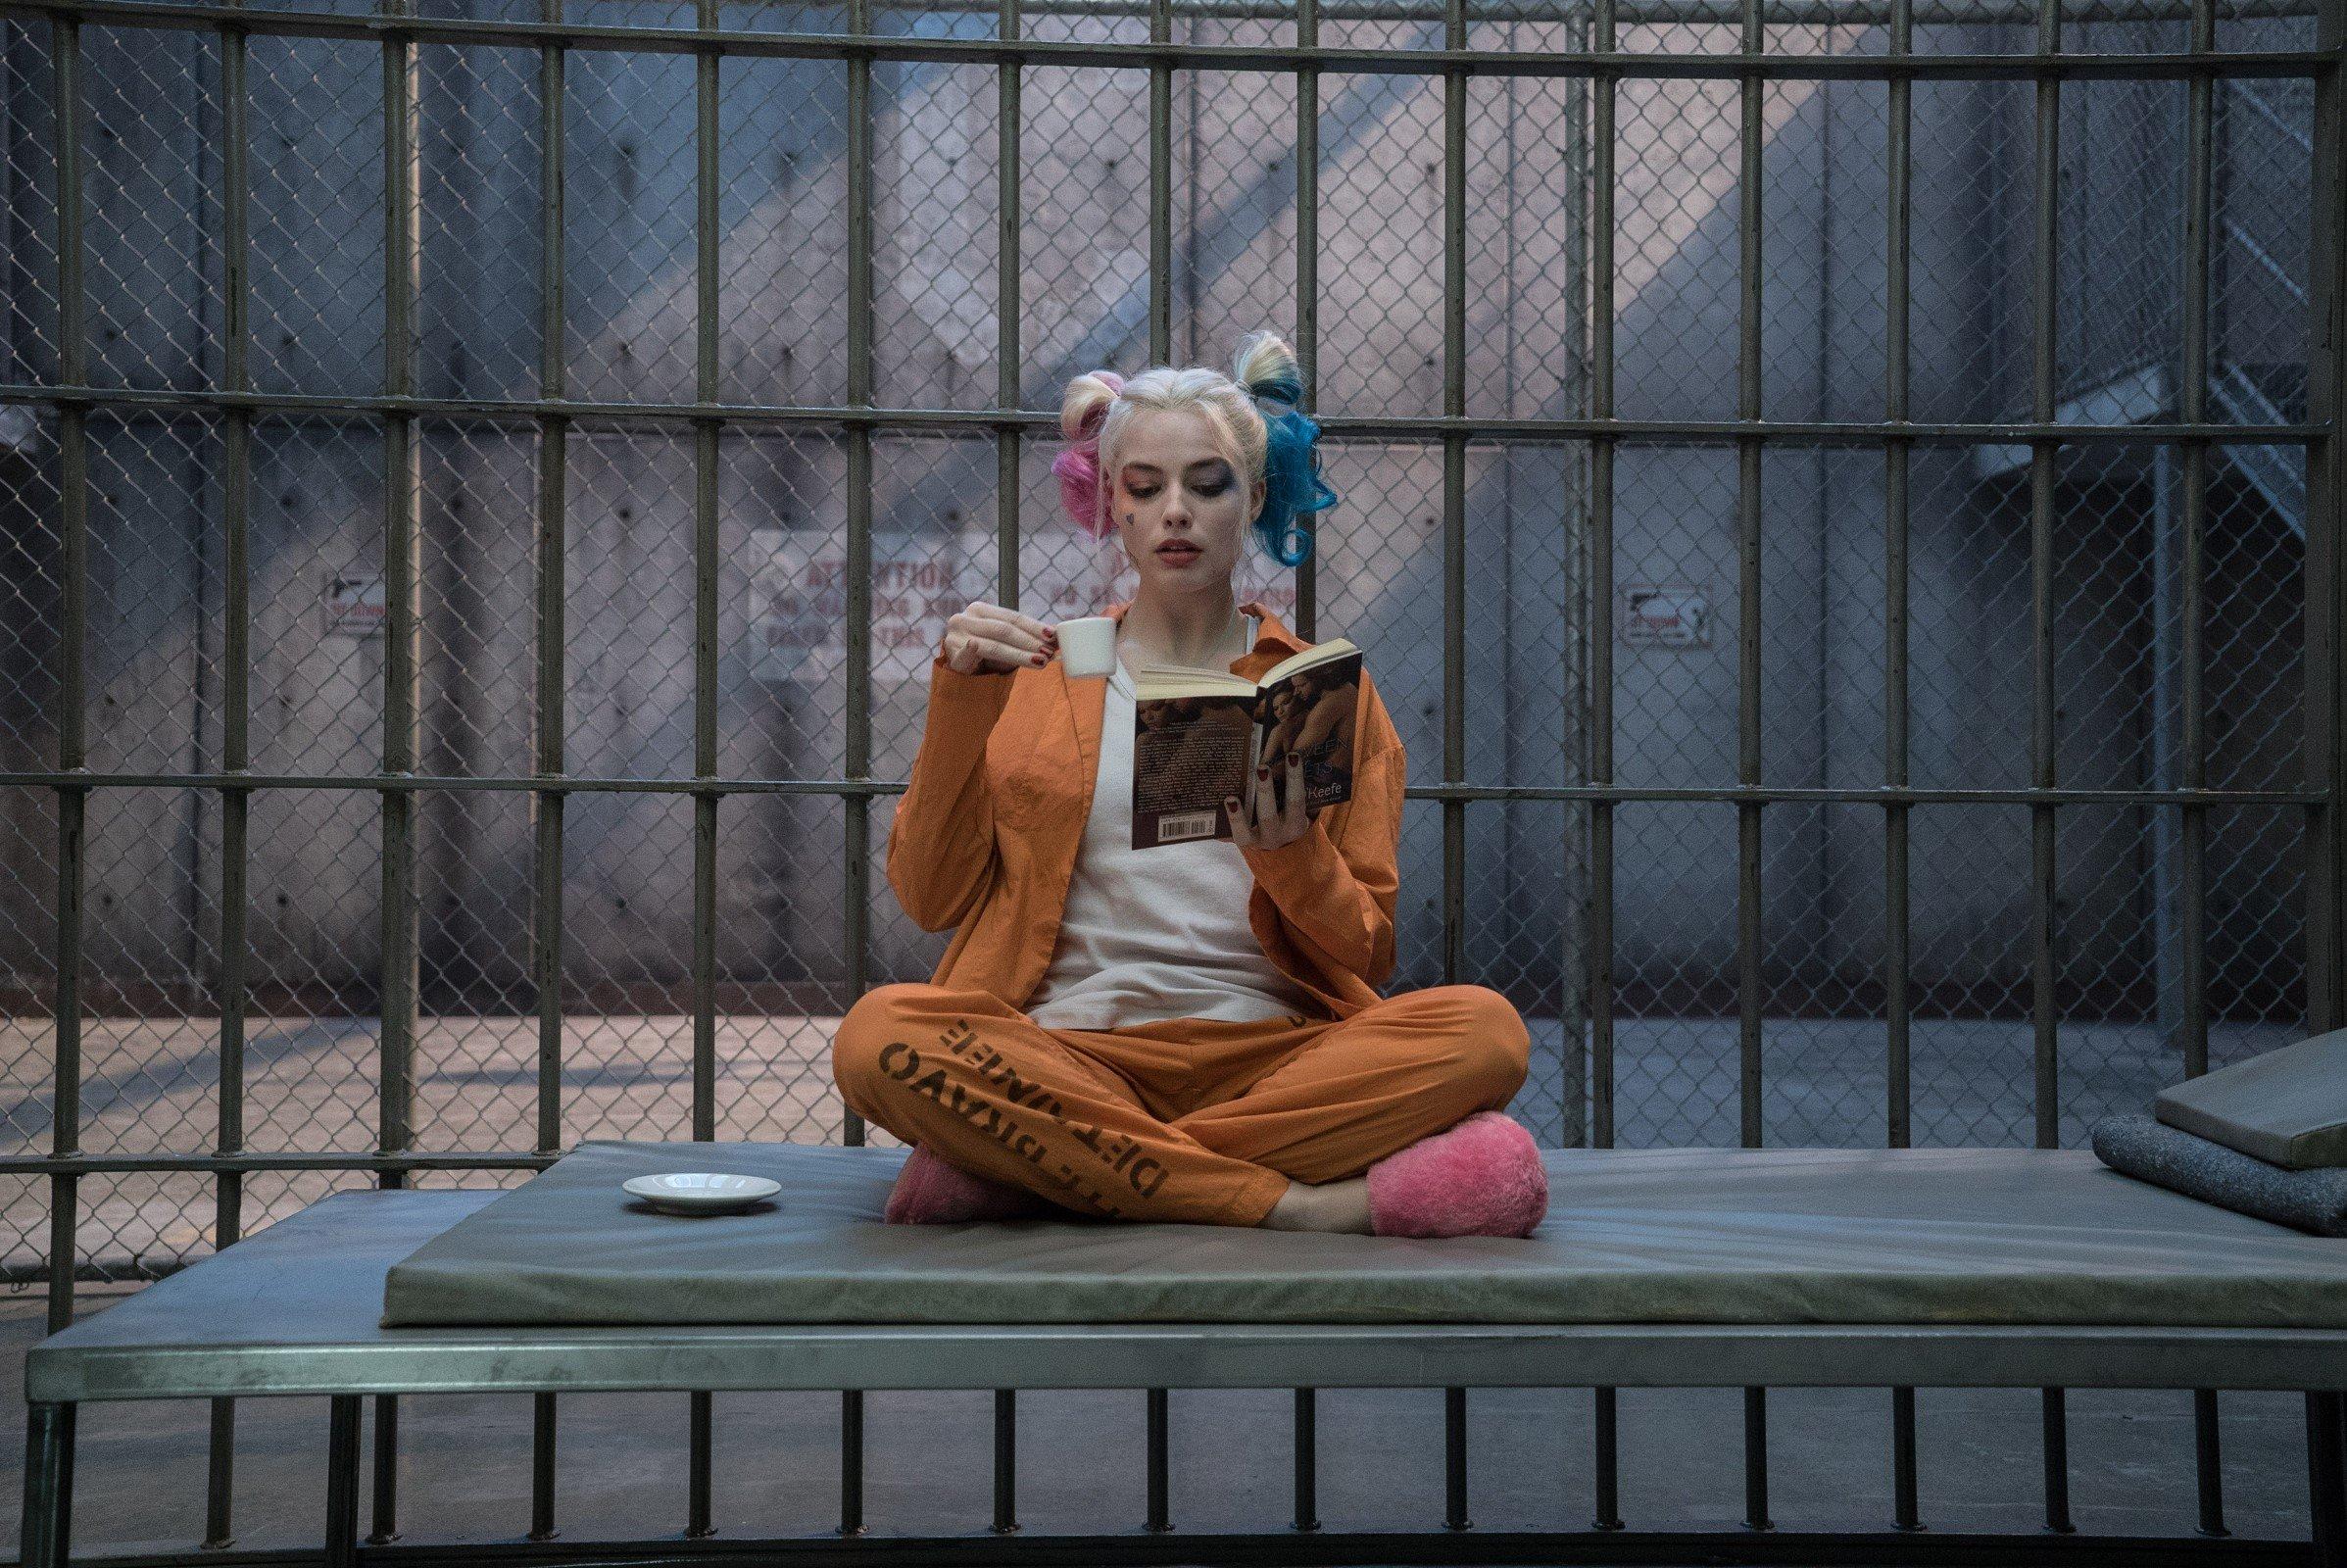 Fondo de pantalla de Suicide Squad Harley Quinn en la prisión Imágenes